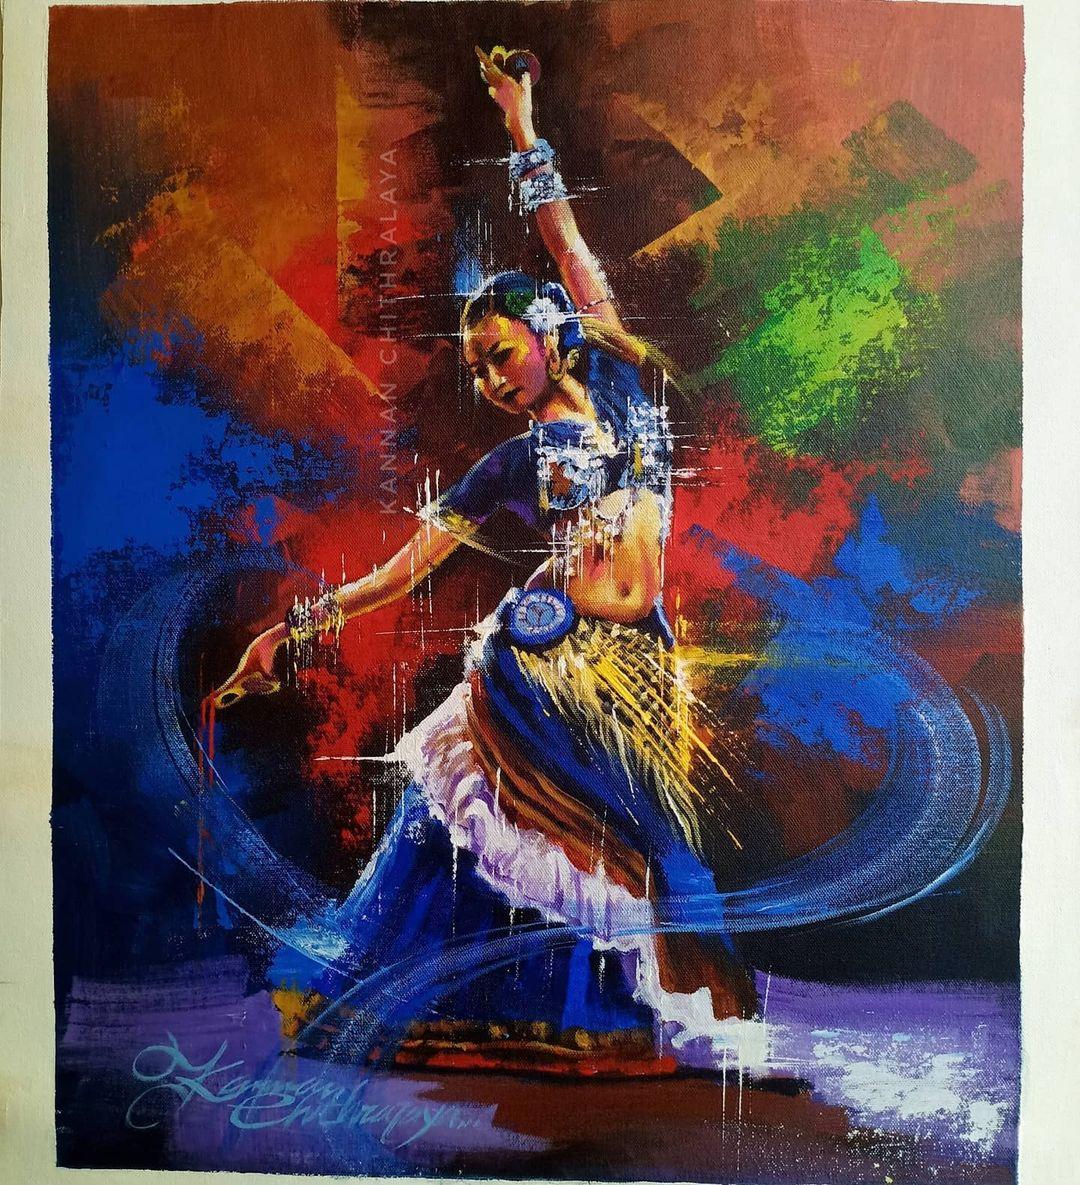 watercolor painting dancer by kannan chitralaya